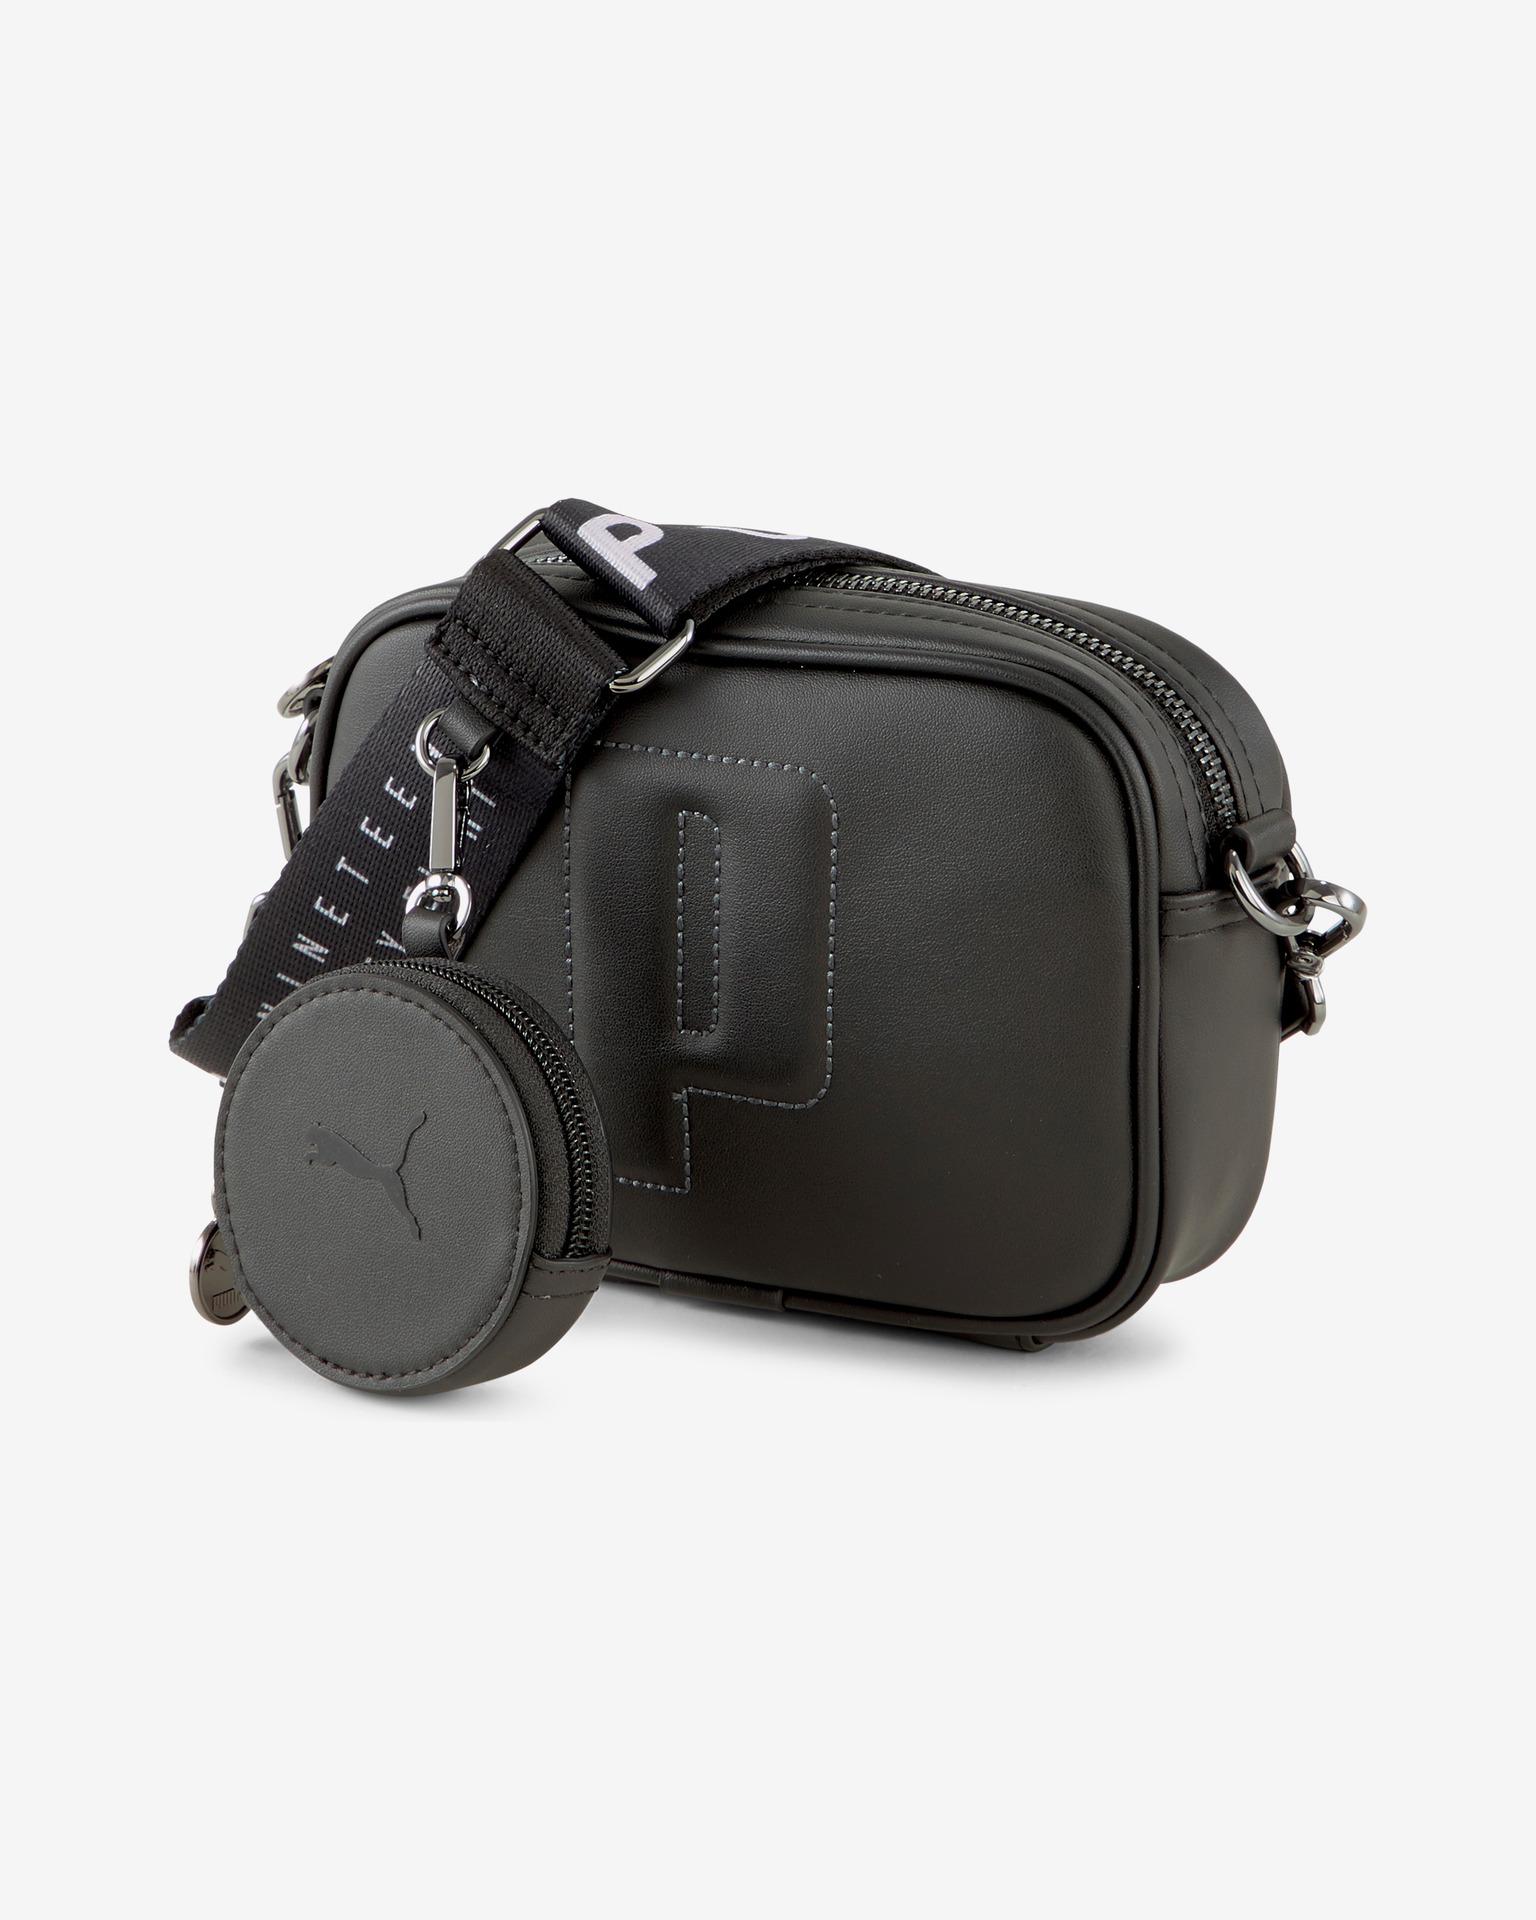 Sense Cross чанта за тяло Puma